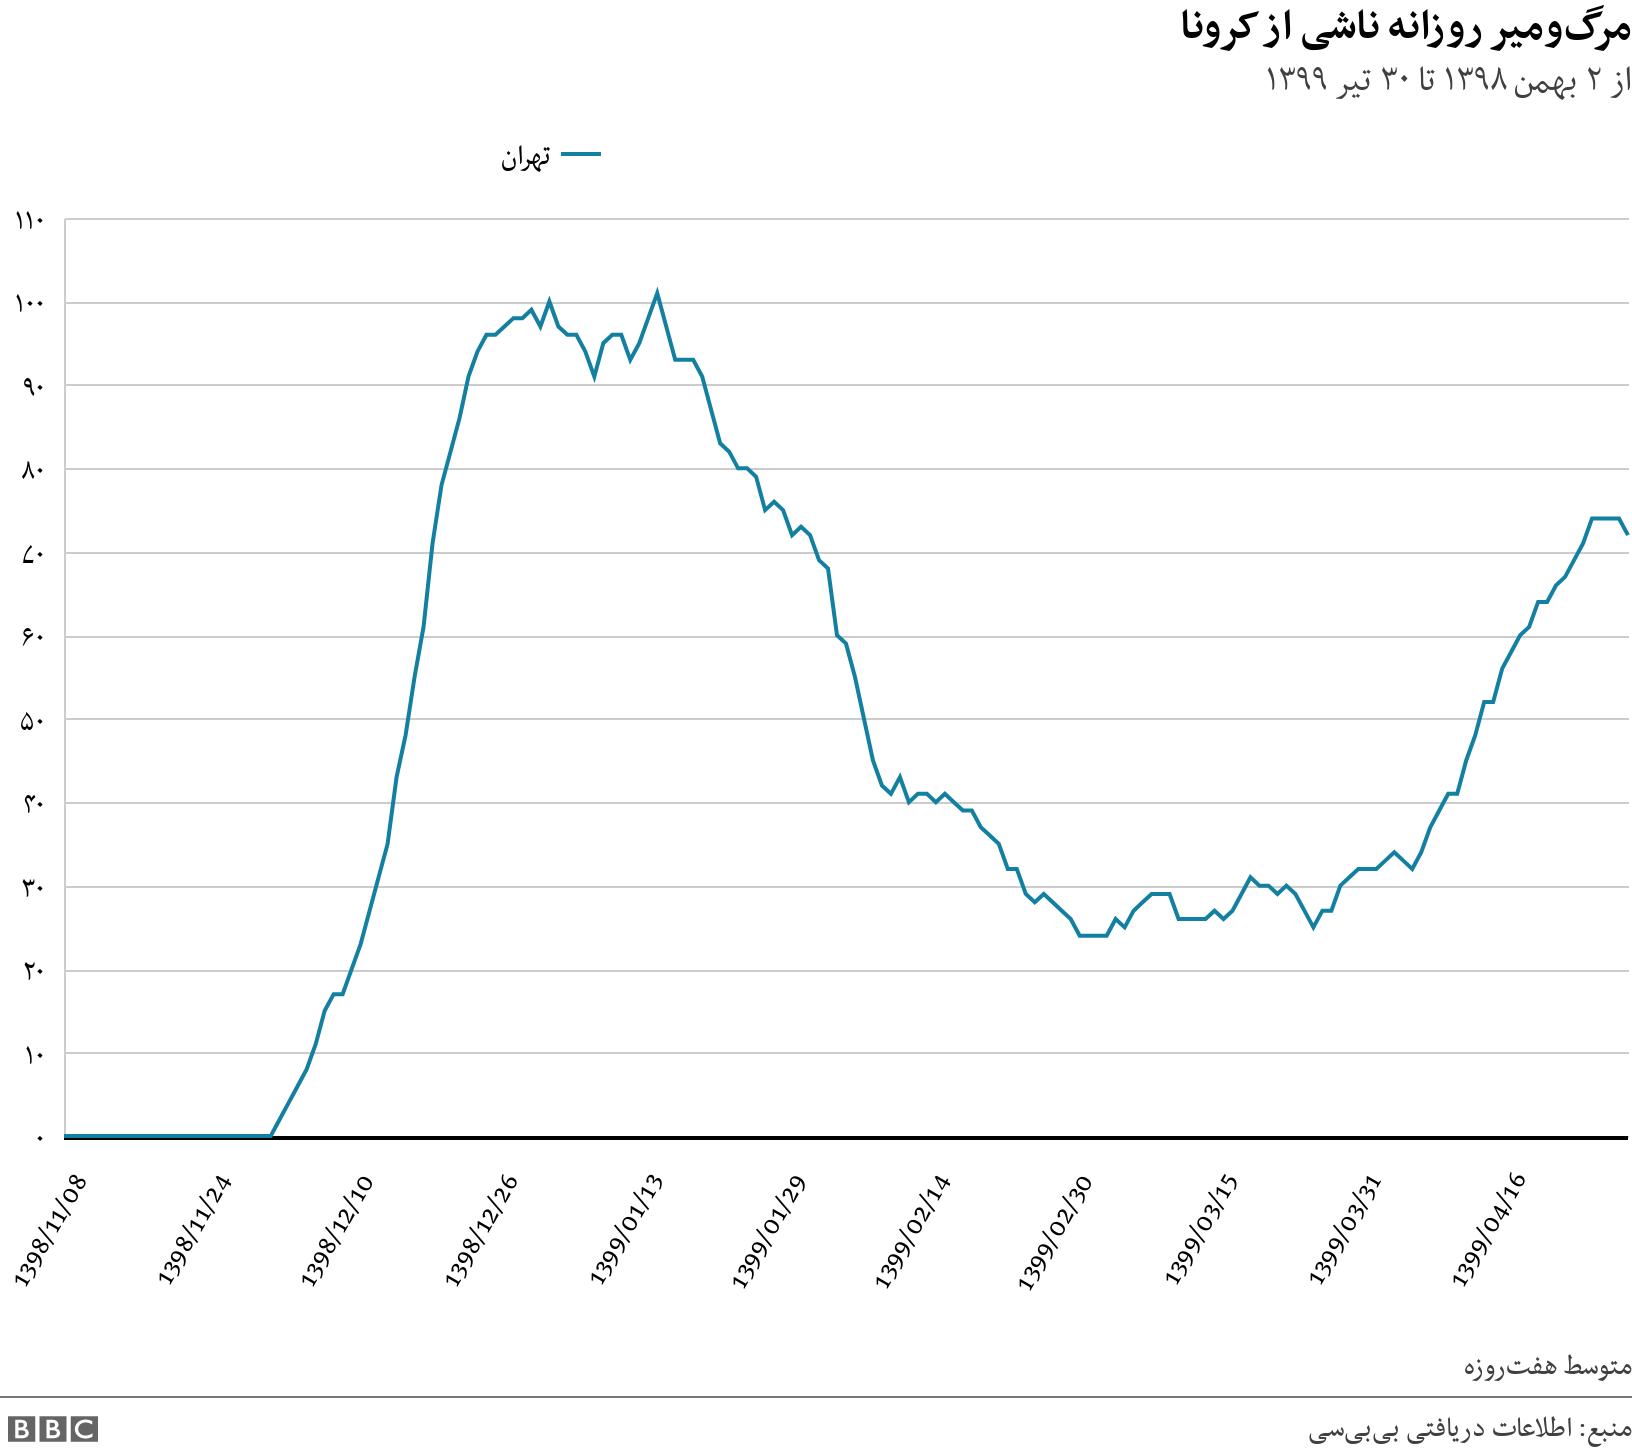 مرگومیر روزانه ناشی از کرونا. از ۲ بهمن ۱۳۹۸ تا ۳۰ تیر ۱۳۹۹.  متوسط هفتروزه.